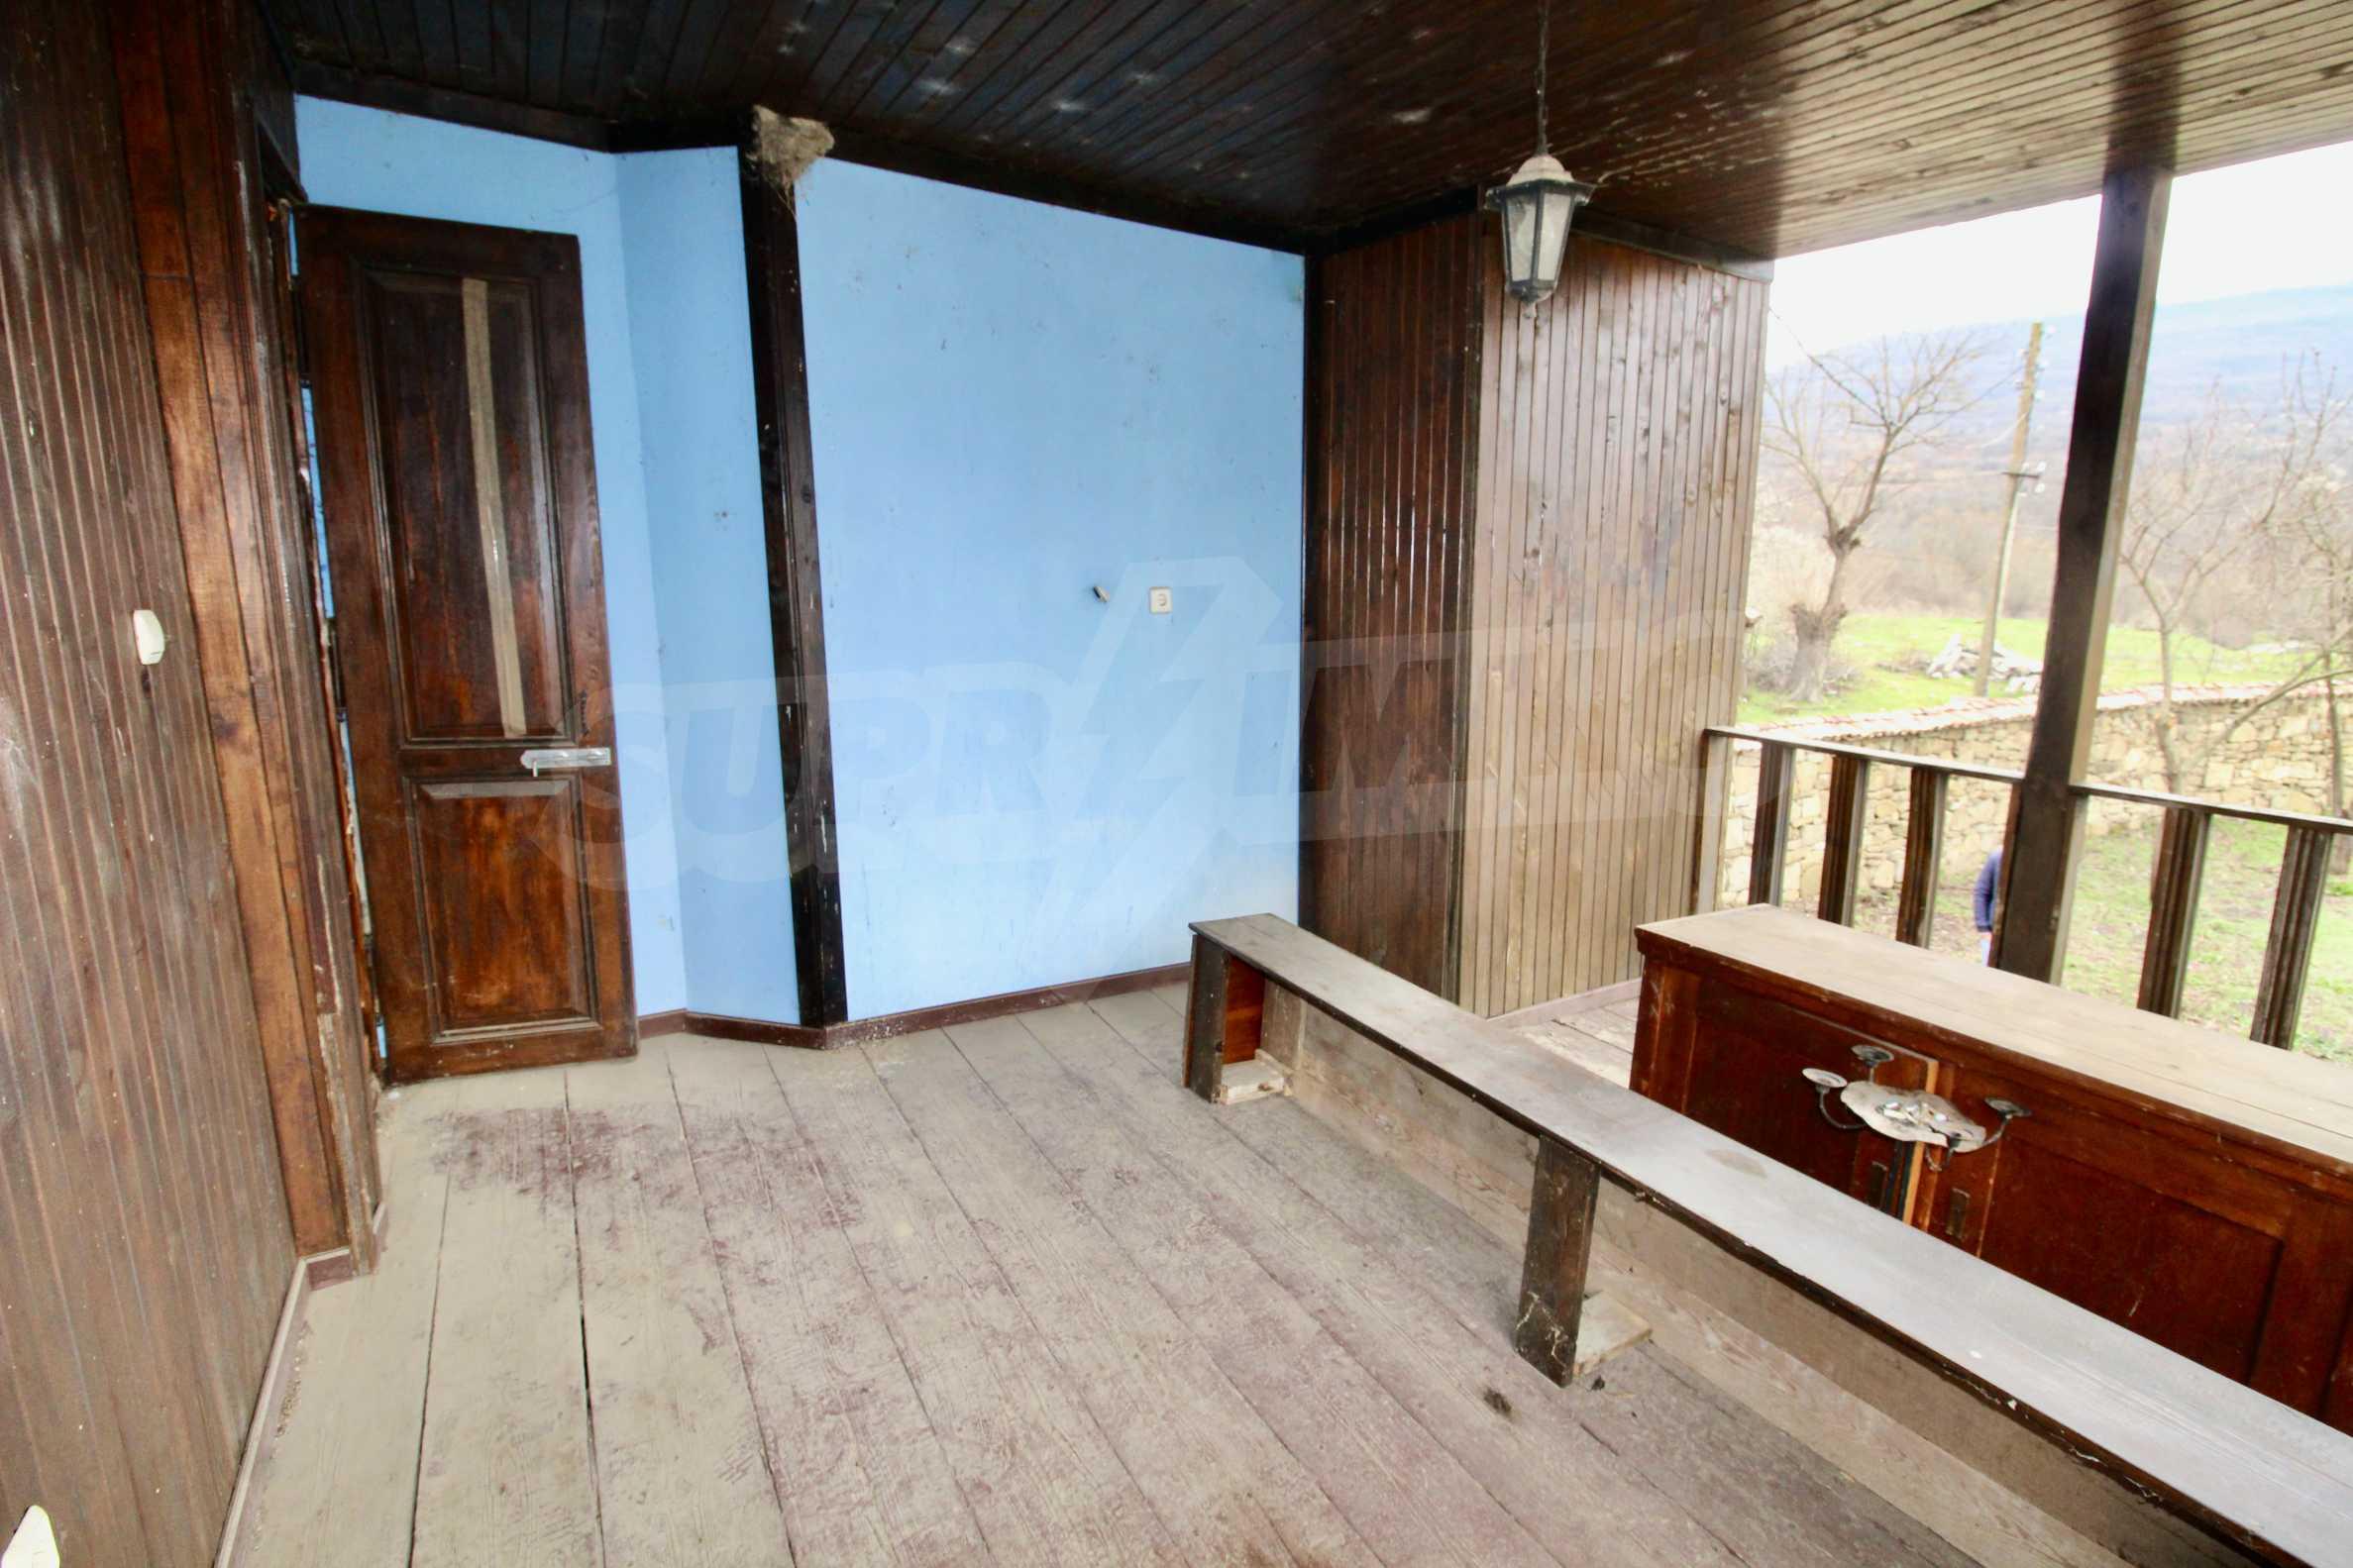 Двуетажна къща с голпм двор в село на 30 км от Велико Търново  12